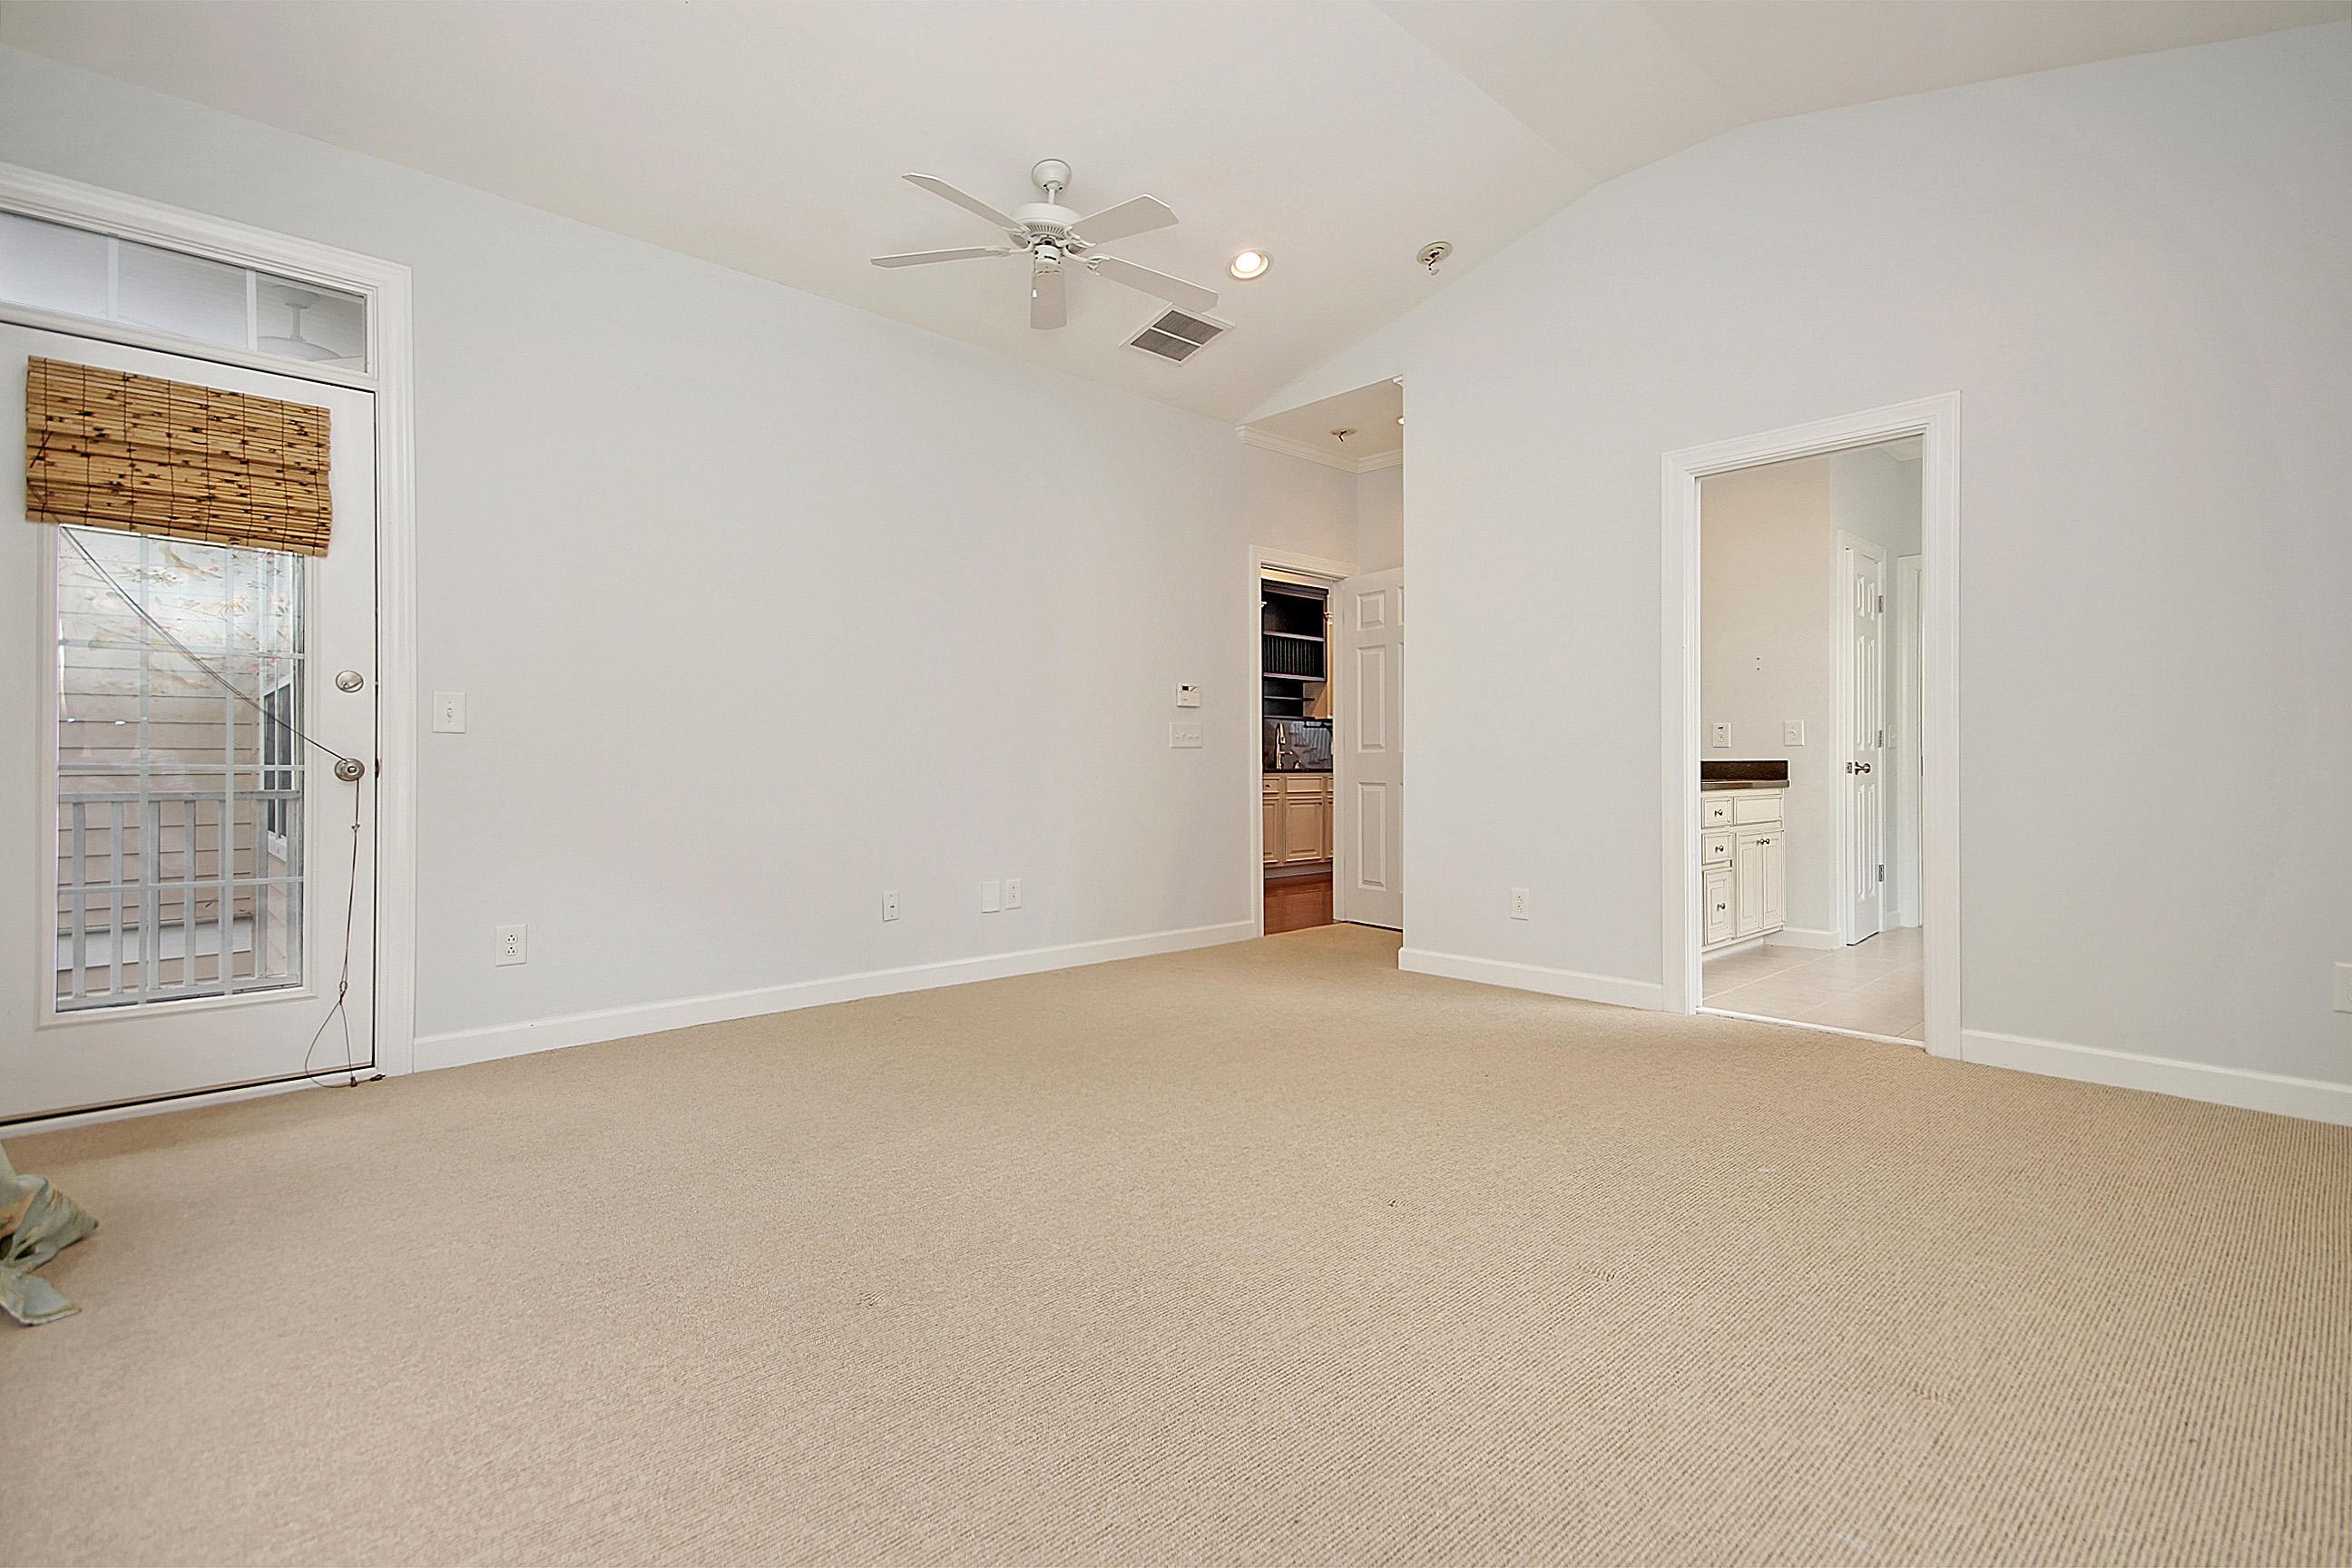 Dunes West Homes For Sale - 148 Palm Cove, Mount Pleasant, SC - 24